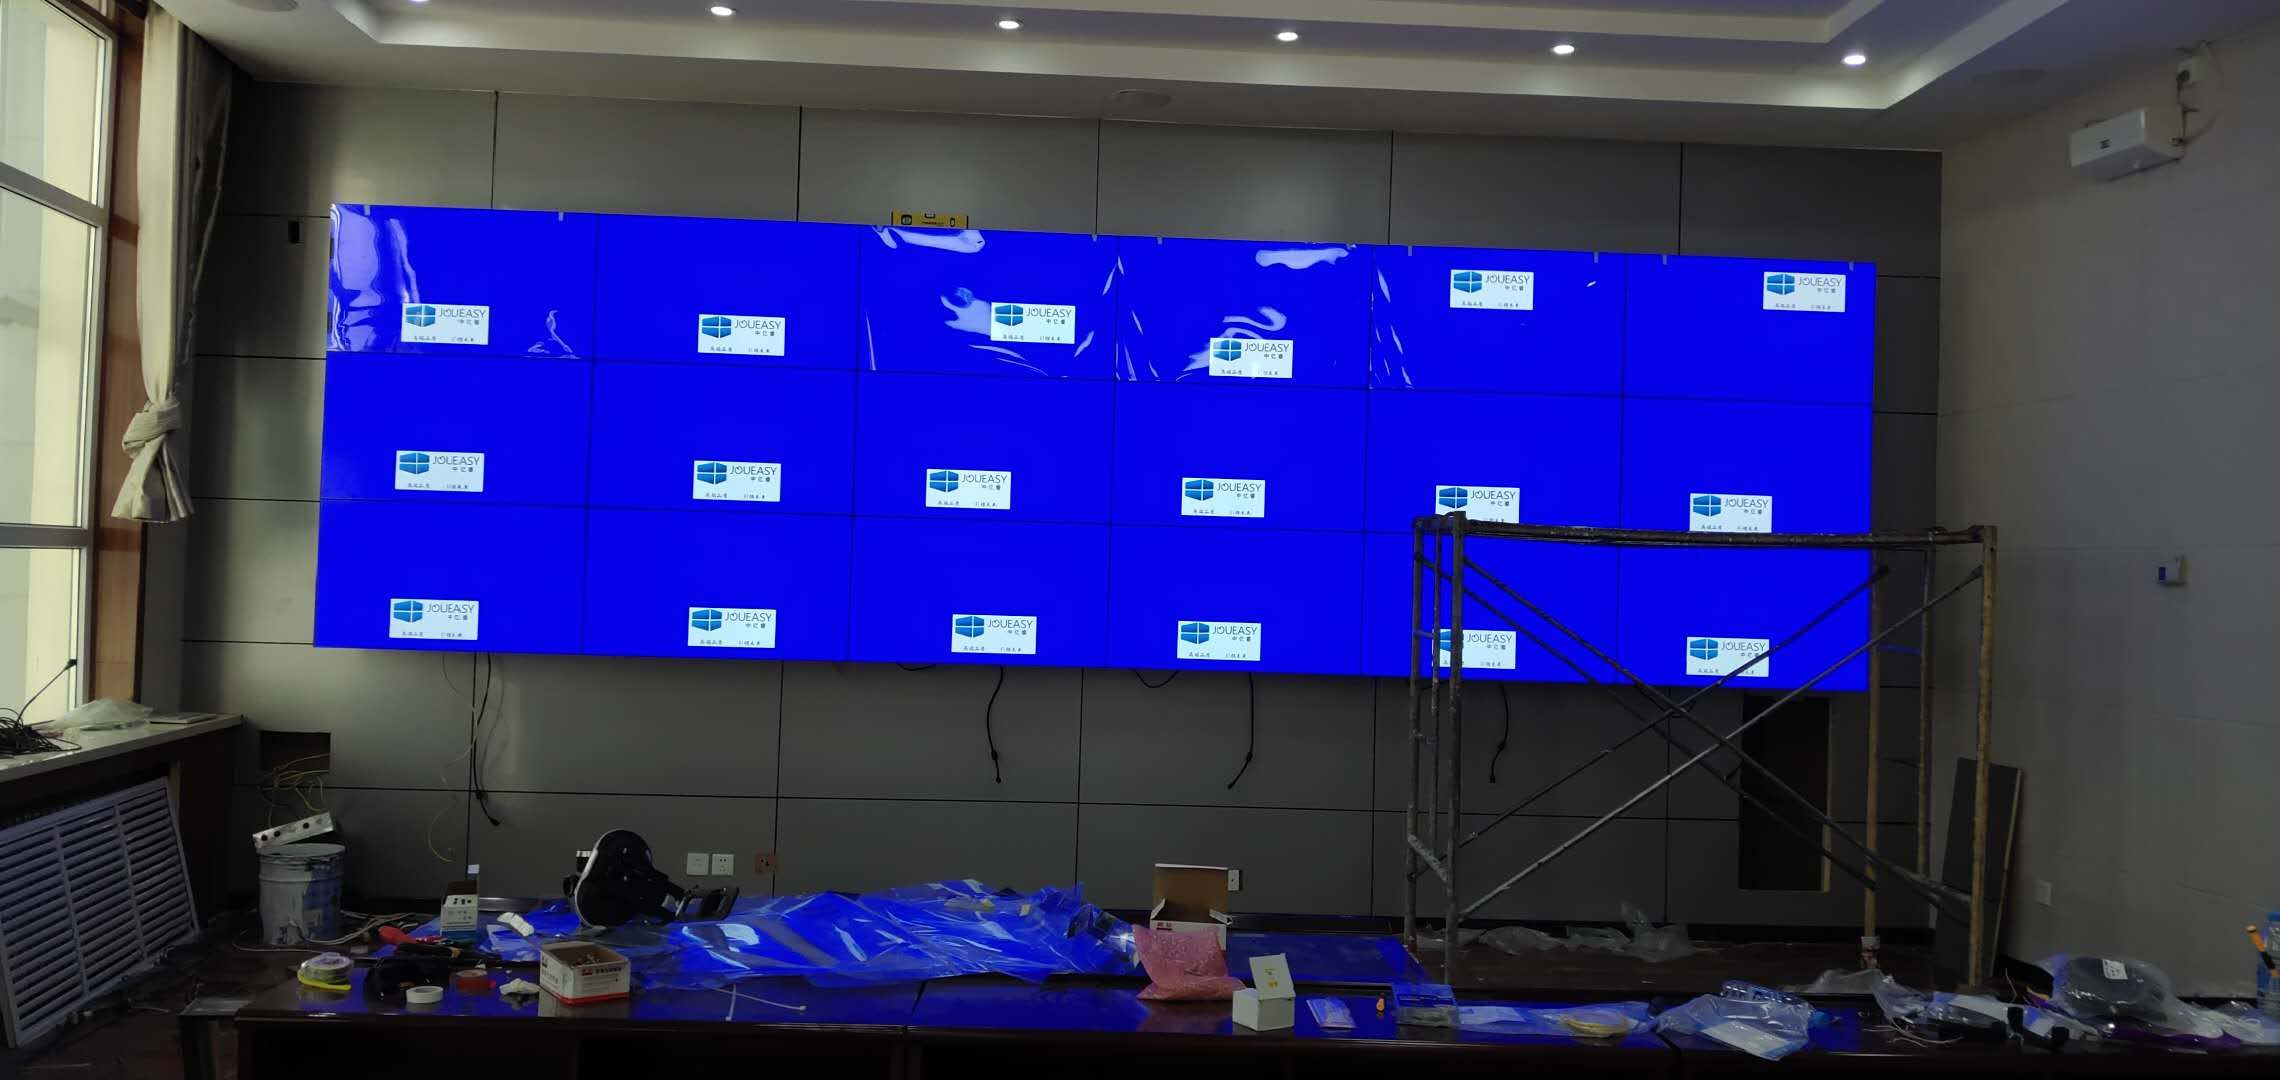 青海河南县人民政府46寸液晶拼接屏18单元